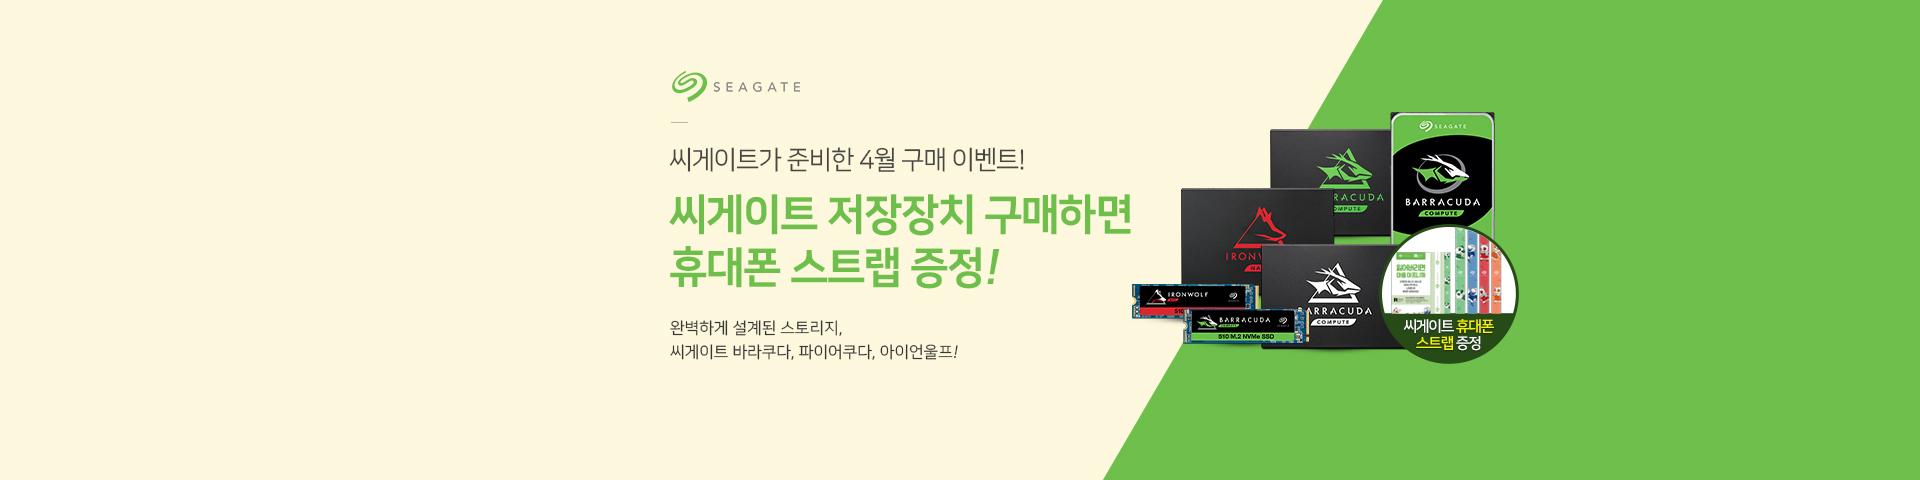 [씨게이트] 4월 구매 프로모션